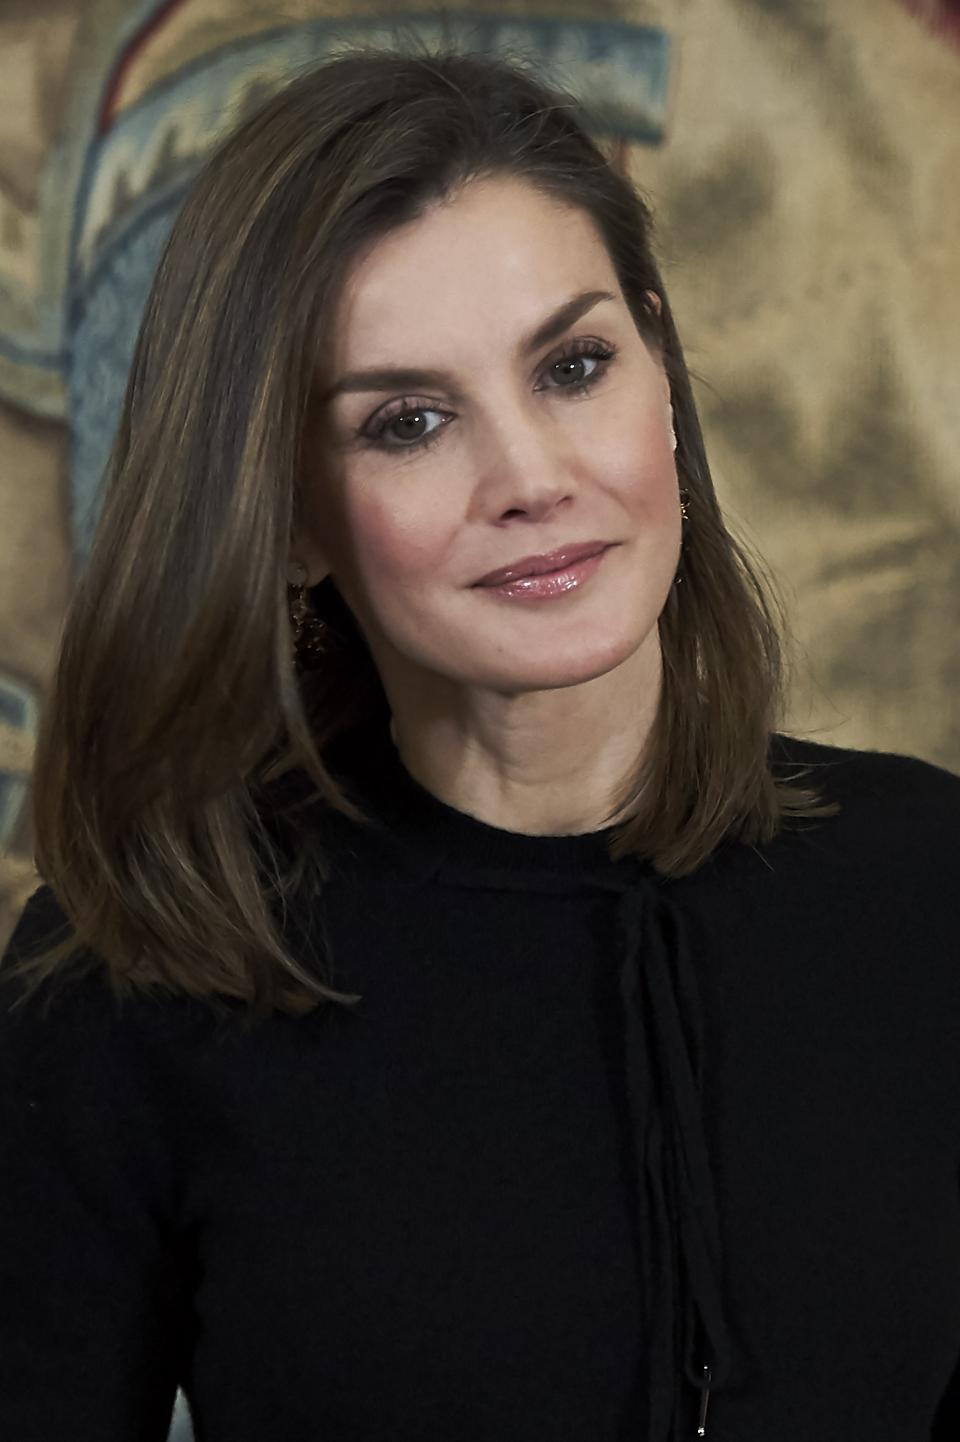 Кралицата на Испания показа, че всяка дама може да изглежда стилно в дрехи с леопардов принт, стига те да са подбрани прецизно., Летисия Ортис се появи на светско събитие за връчване на награди в сферата на изкуството. Тя бе подбрала пола с леопардов принт, решена в черно и бяло, съчетана с изчистена от детайли черна блуза и обувки в същия цвят.